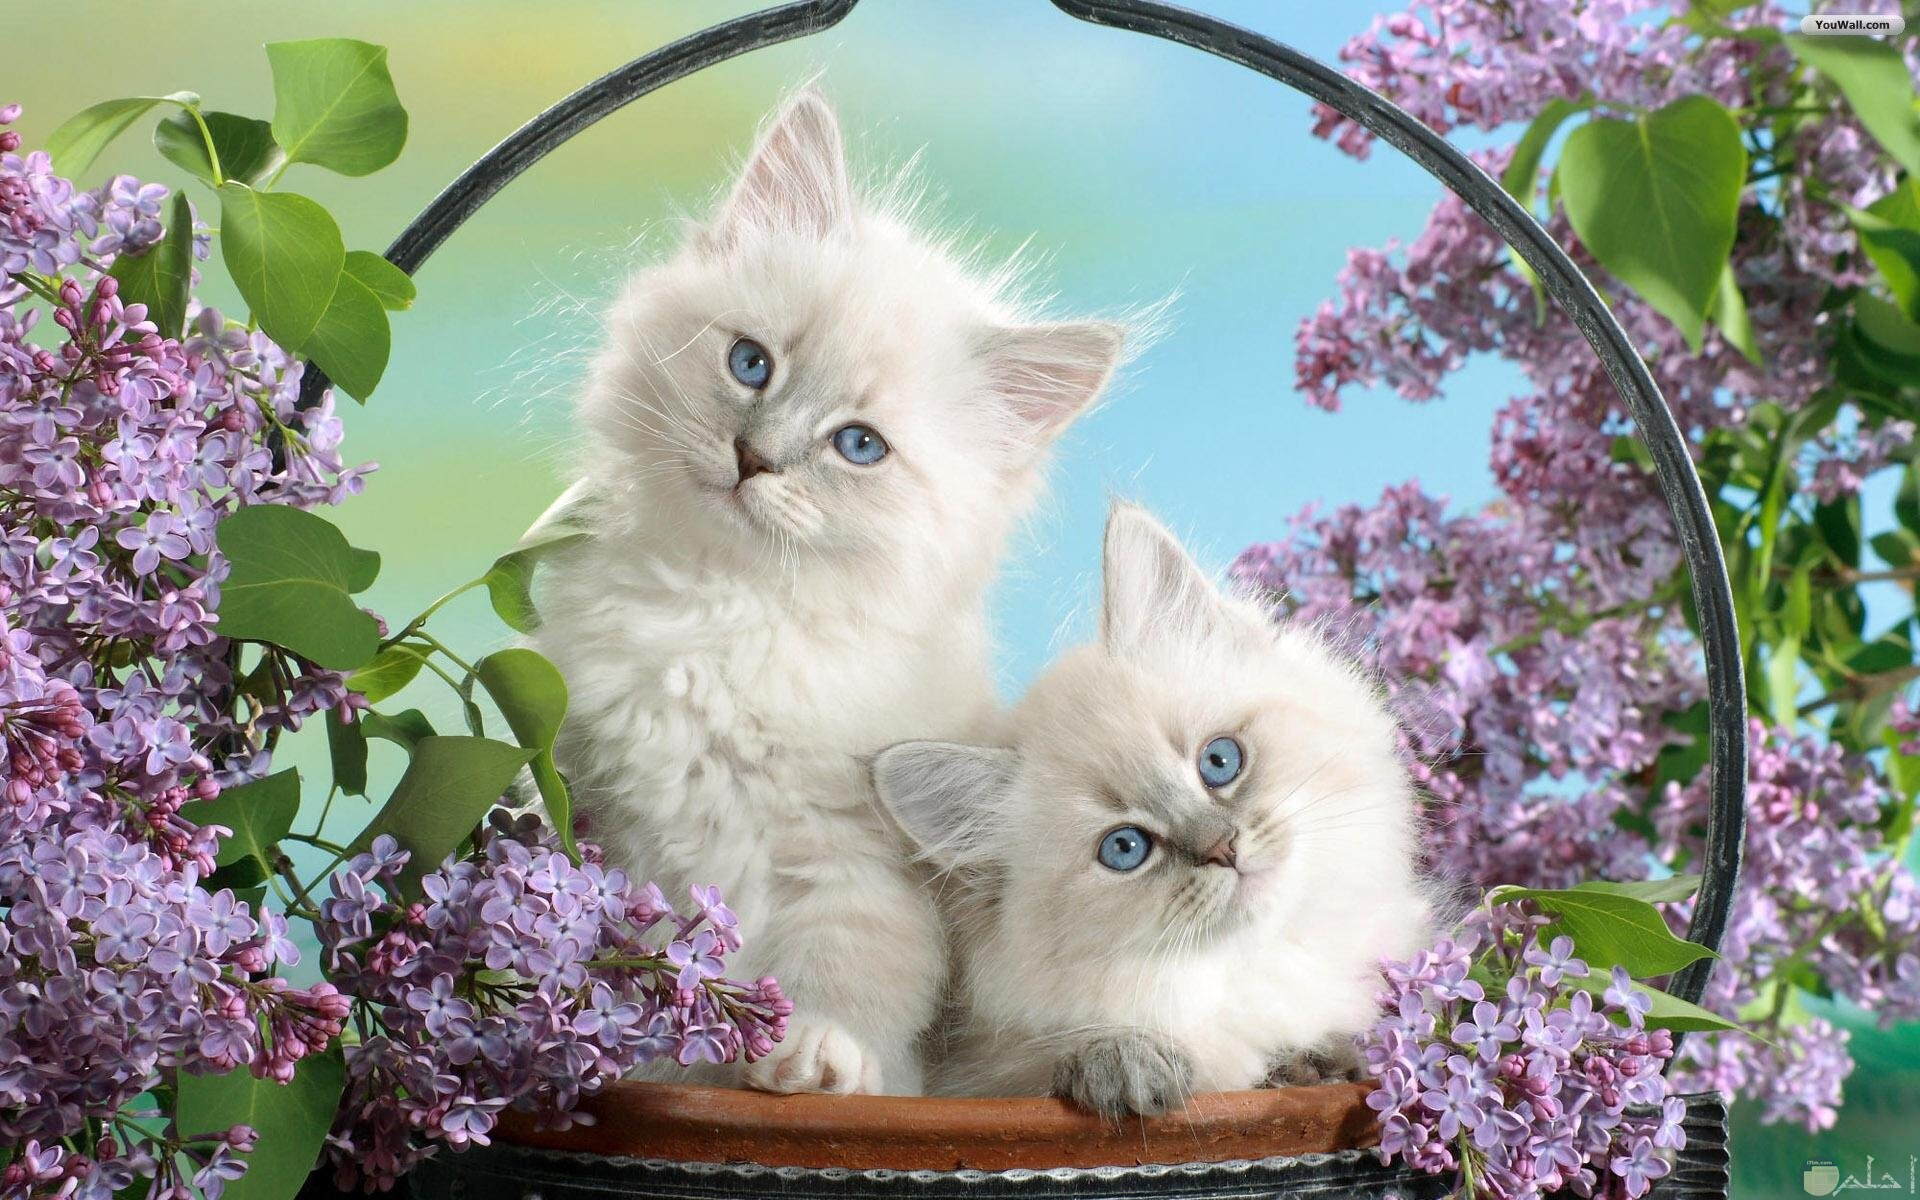 قطتان أبيض مع ورد بنفسجي.